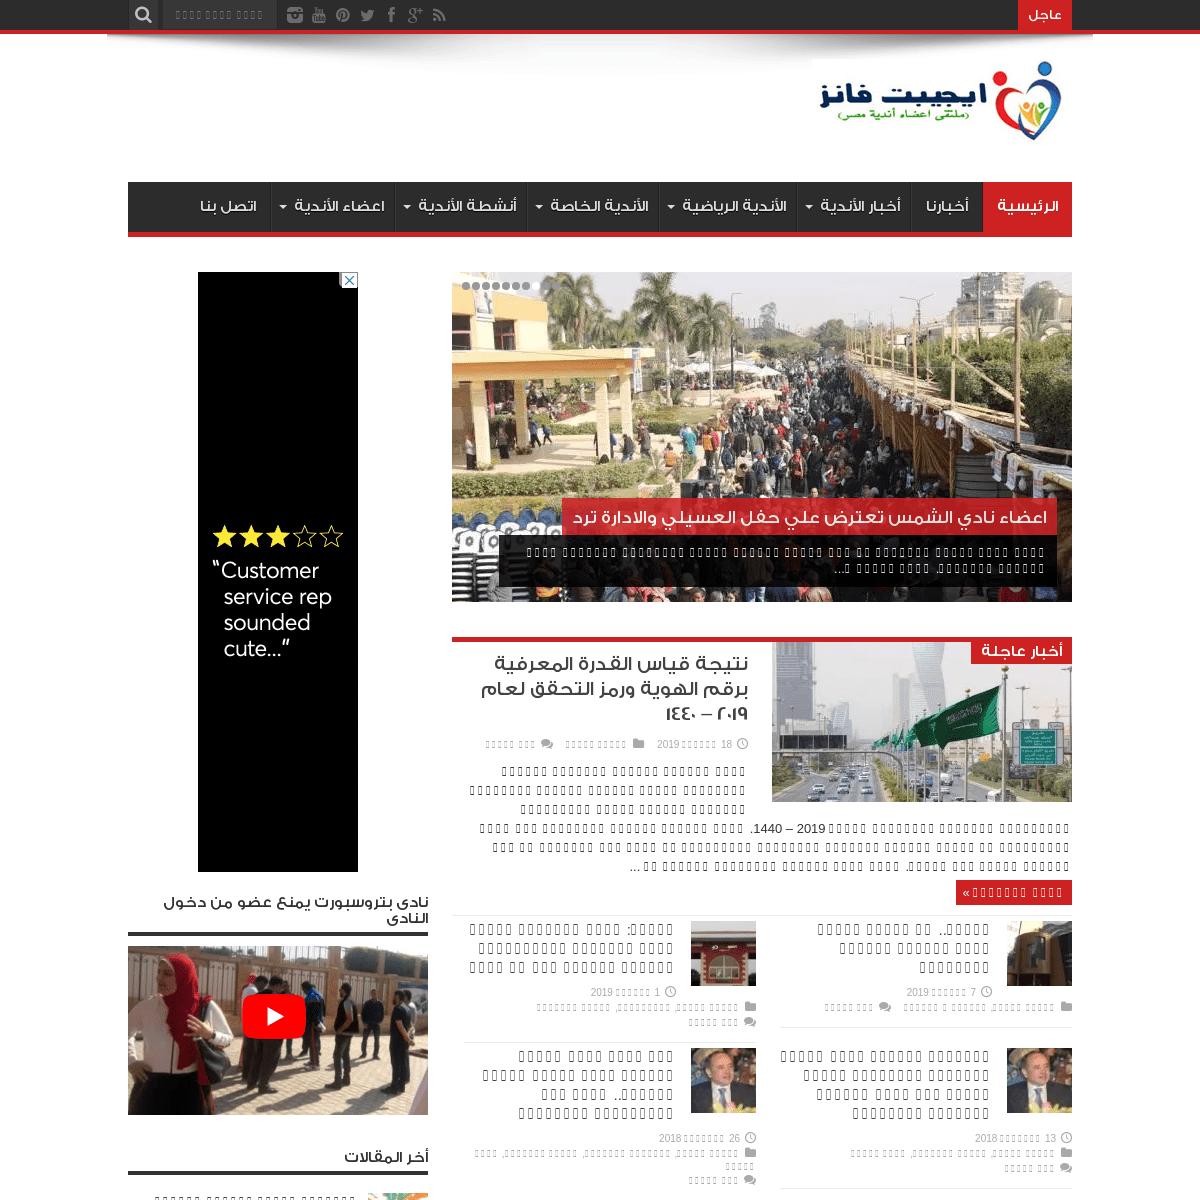 ArchiveBay.com - egyptfans.club - ملتقى أعضاء أندية مصر - معلومات عن اشتراكات الاندية فى مصر و كيفية الاش